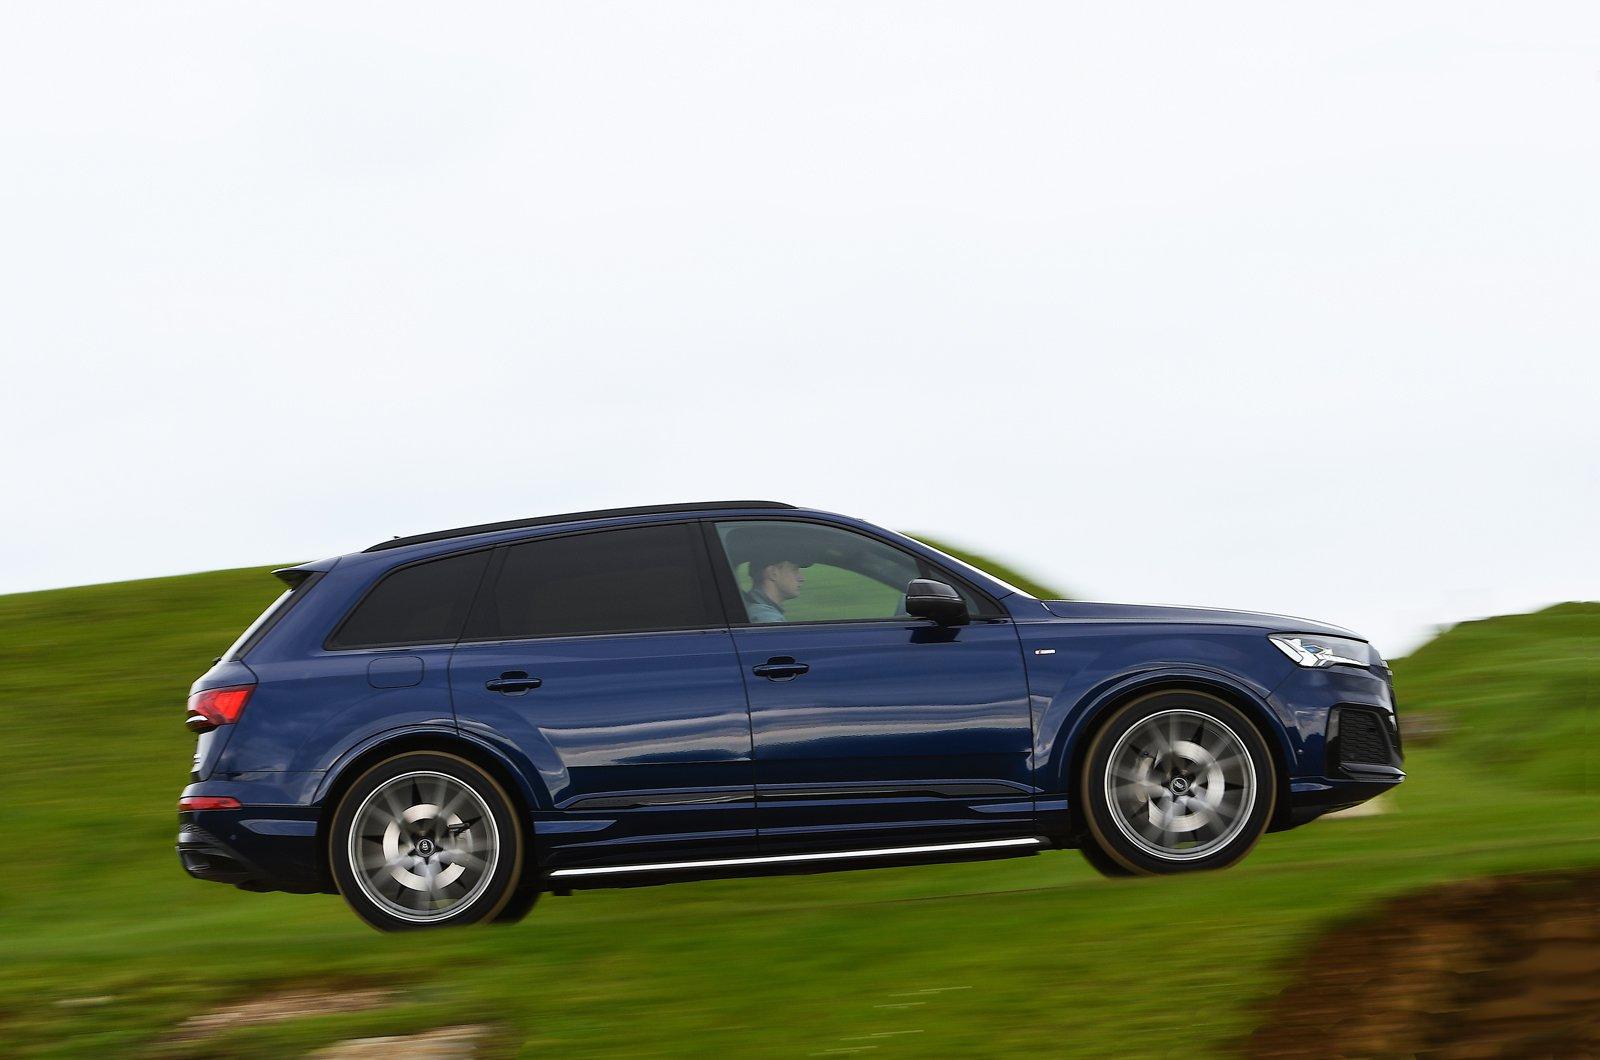 Audi Q7 2021 side